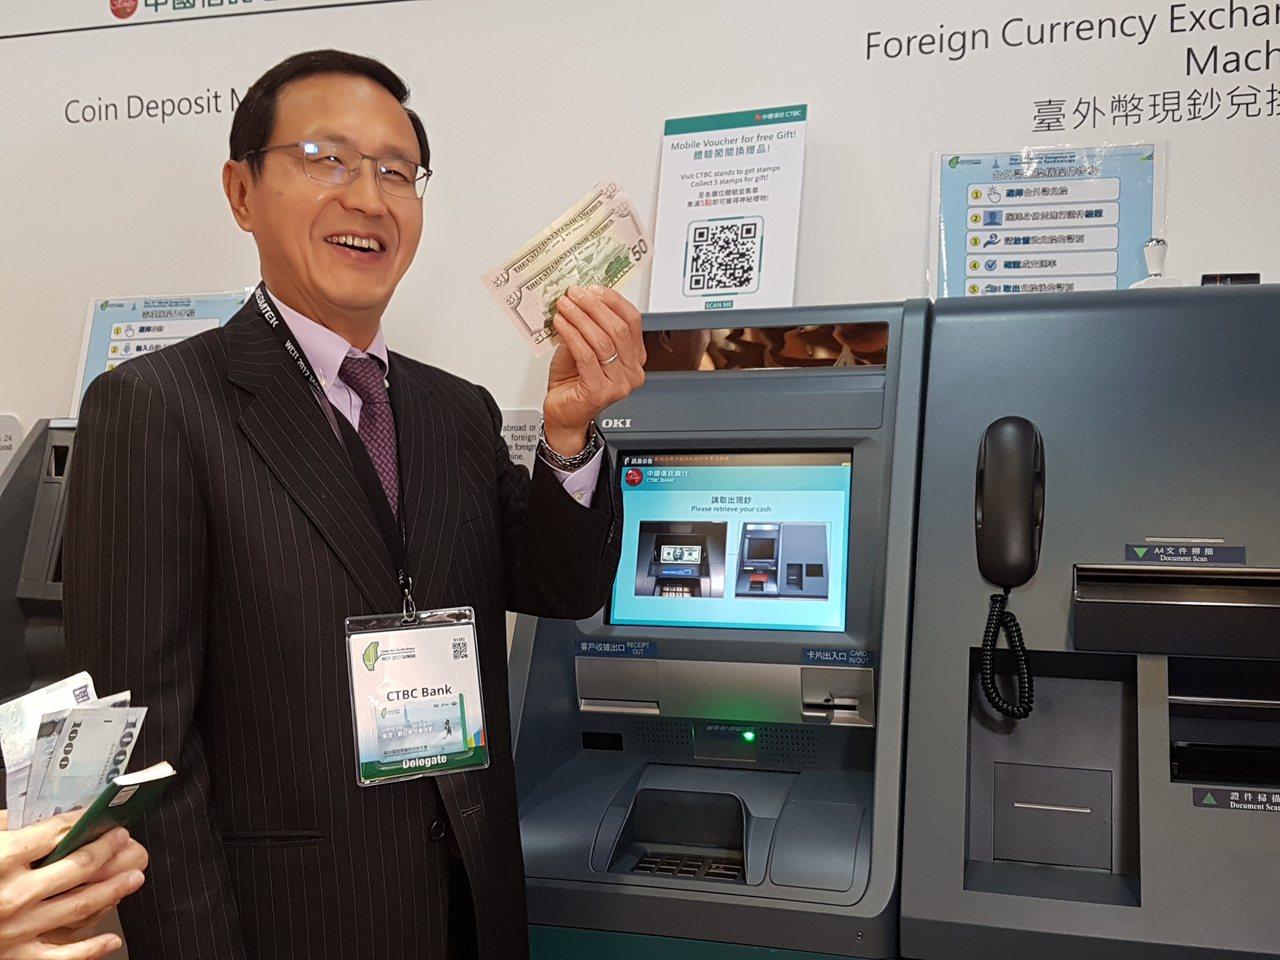 中國信託商銀總經理陳佳文使用台外幣提款機,換到美元 。 記者孫中英/攝影